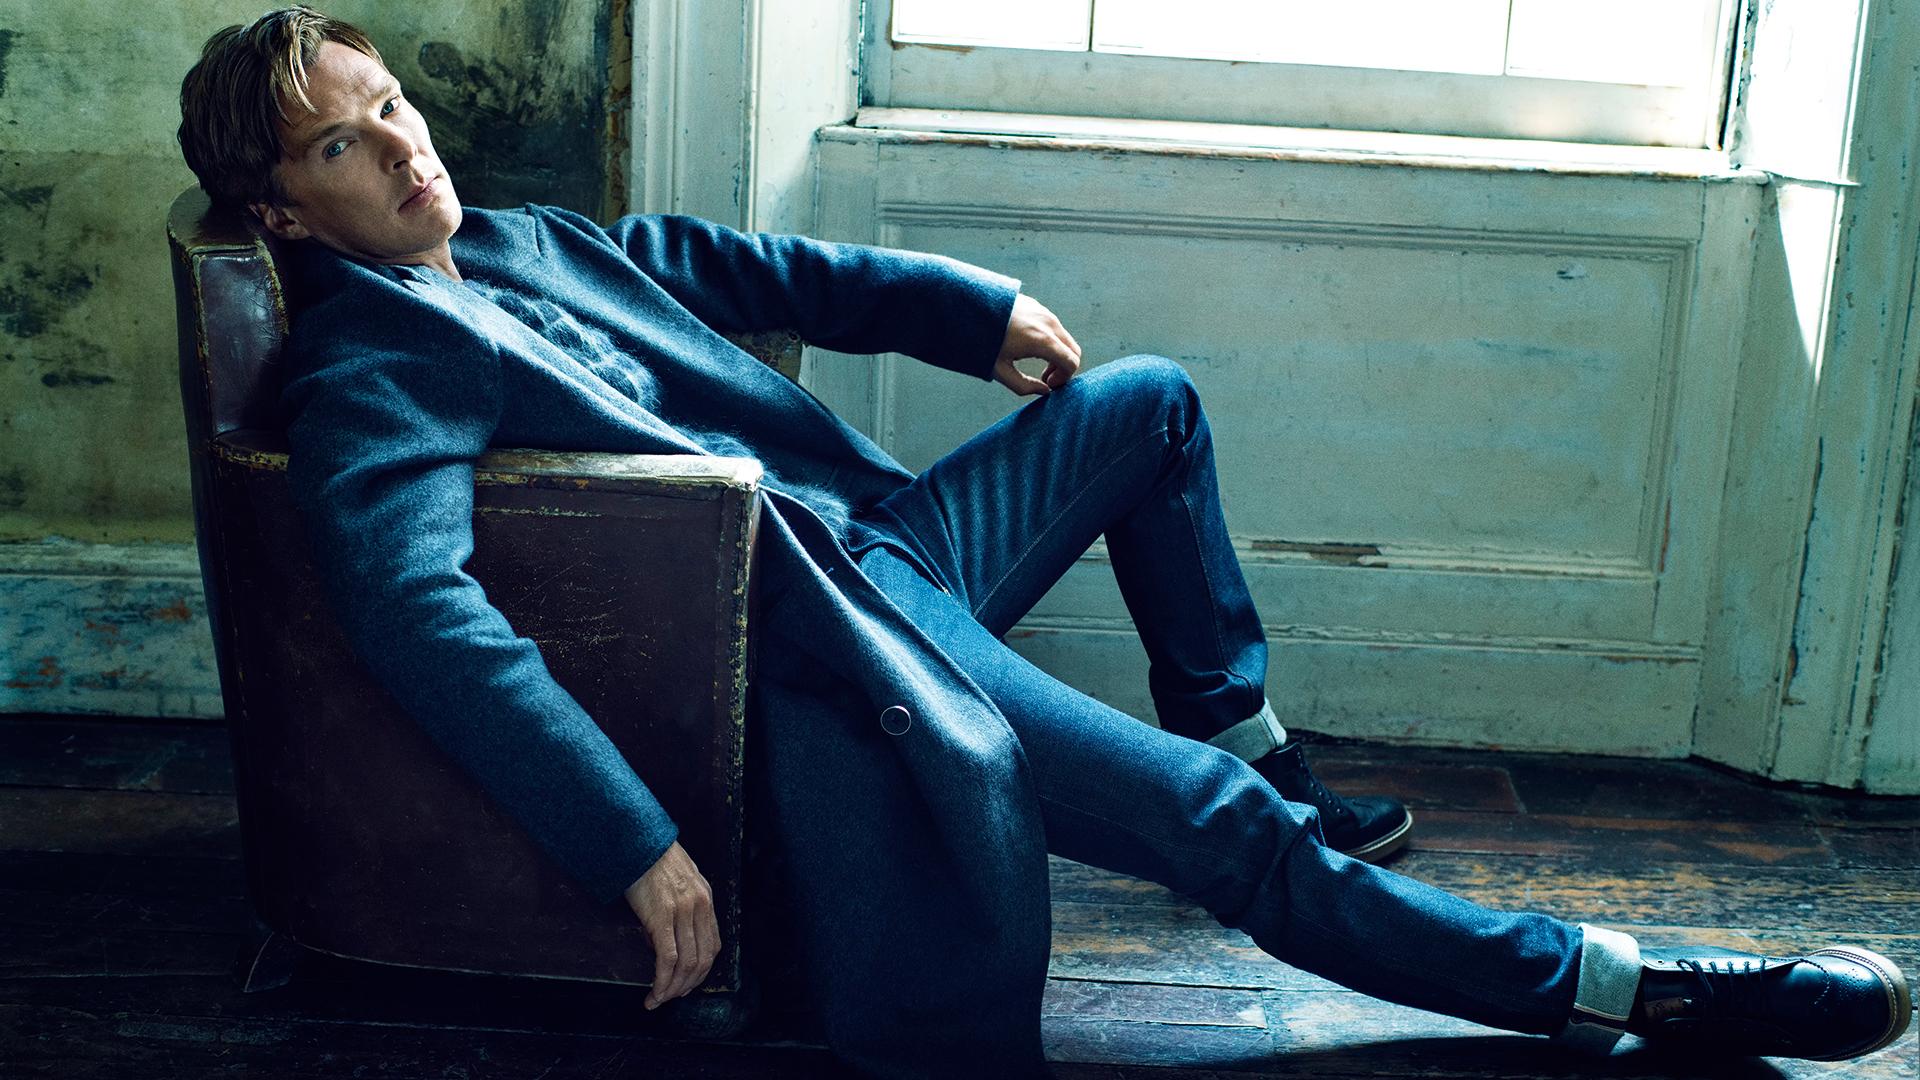 Benedict Cumberbatch Hd